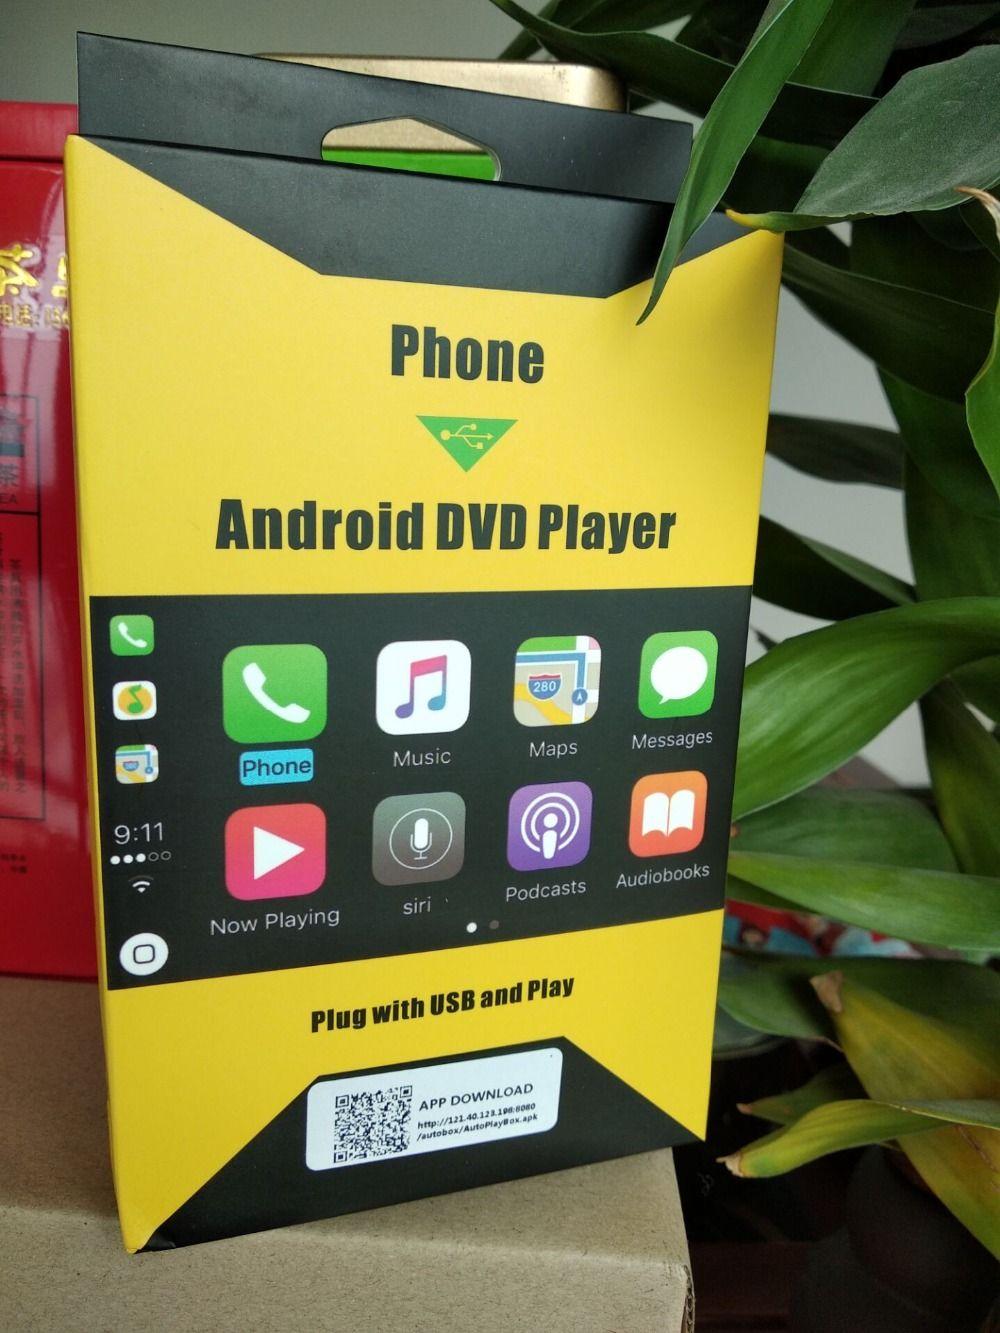 Navirider Android auto gps navigation zubehör carplay dongle stecker mit usb und spielen mit android auto funktion mobile ladegerät